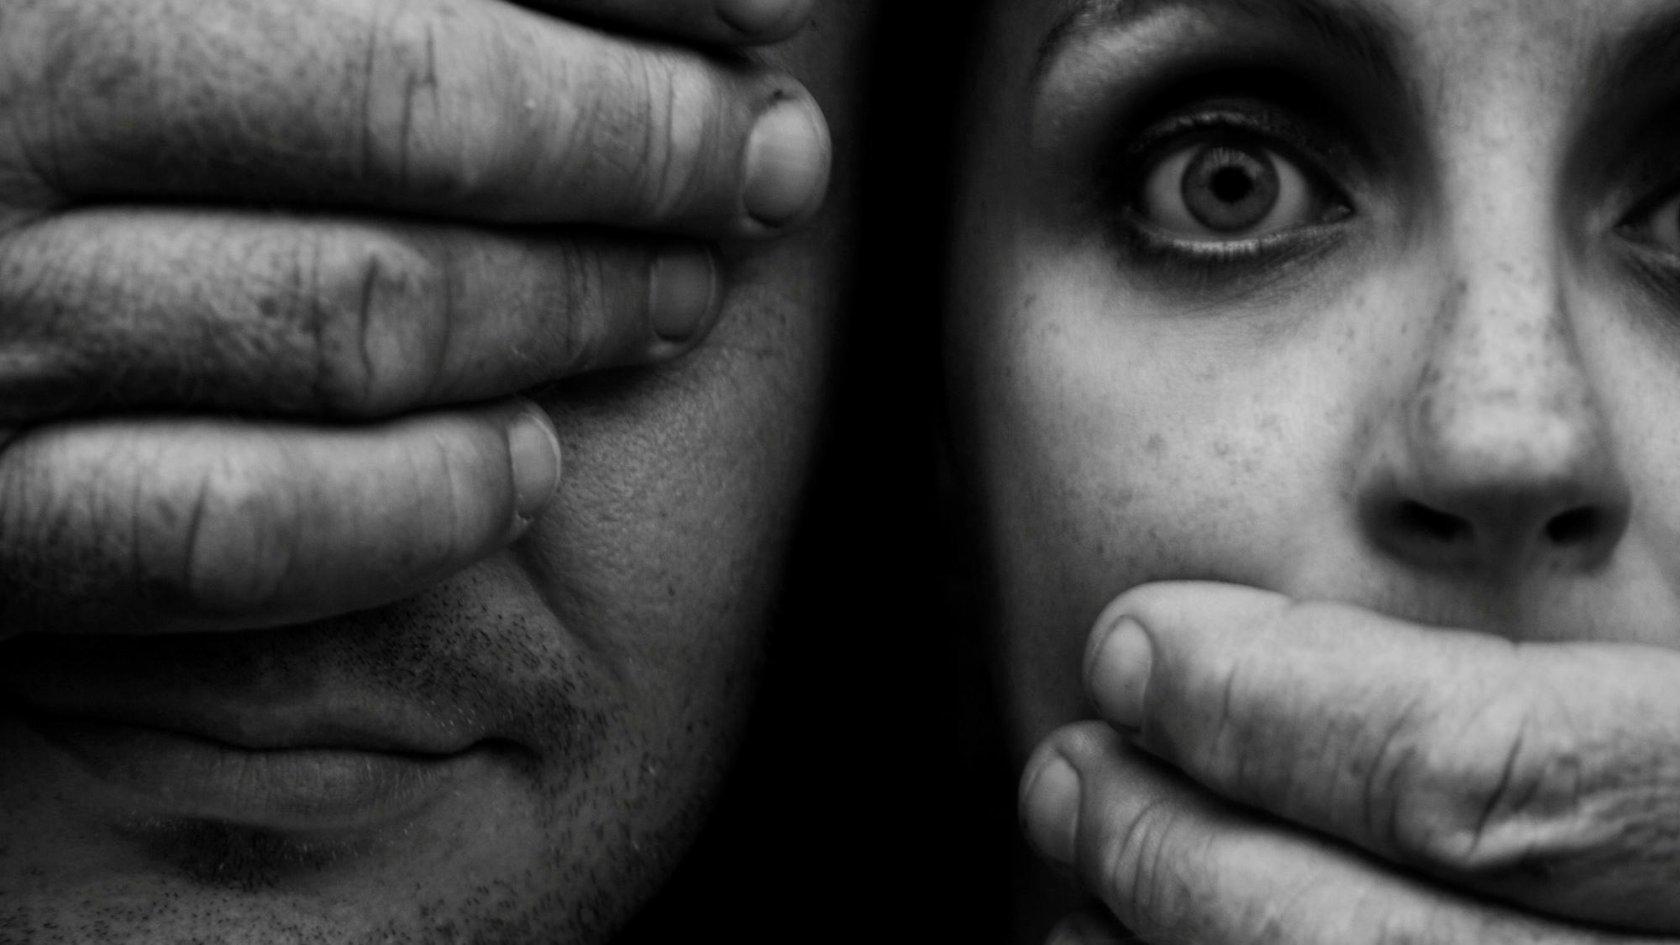 Закрыть бисексуальность и анорексия в соц.сетях